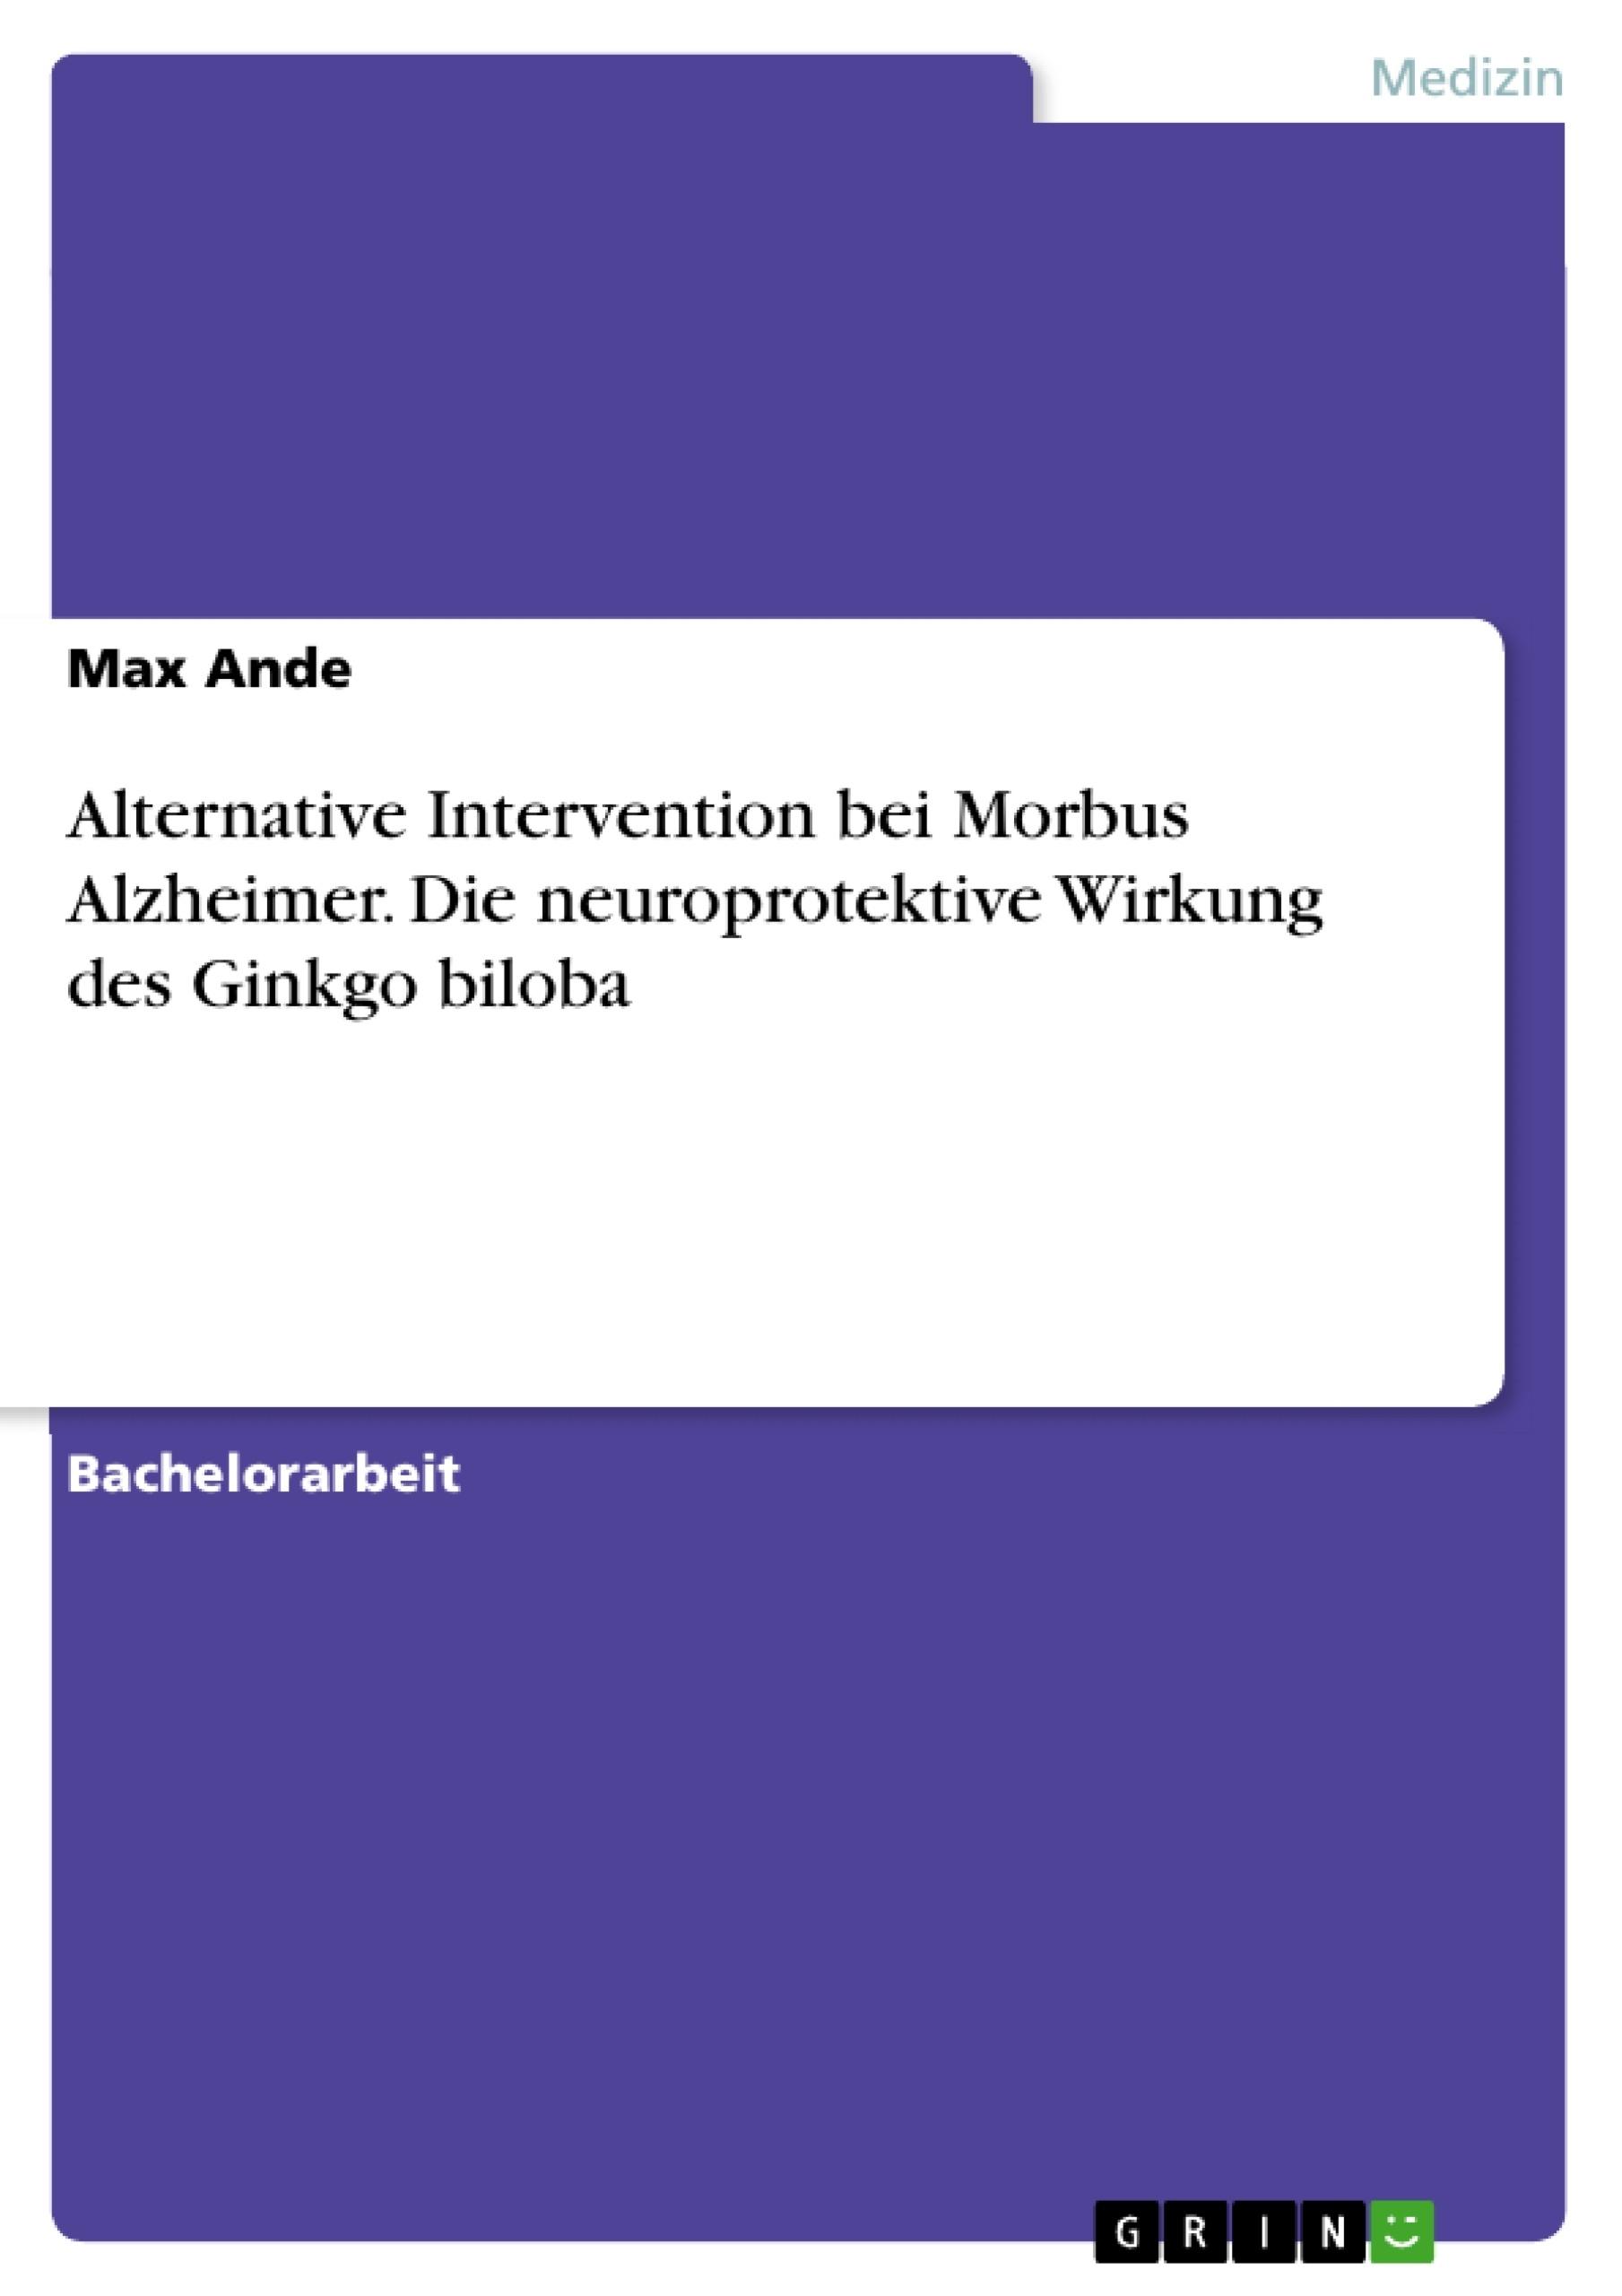 Titel: Alternative Intervention bei Morbus Alzheimer. Die neuroprotektive Wirkung des Ginkgo biloba